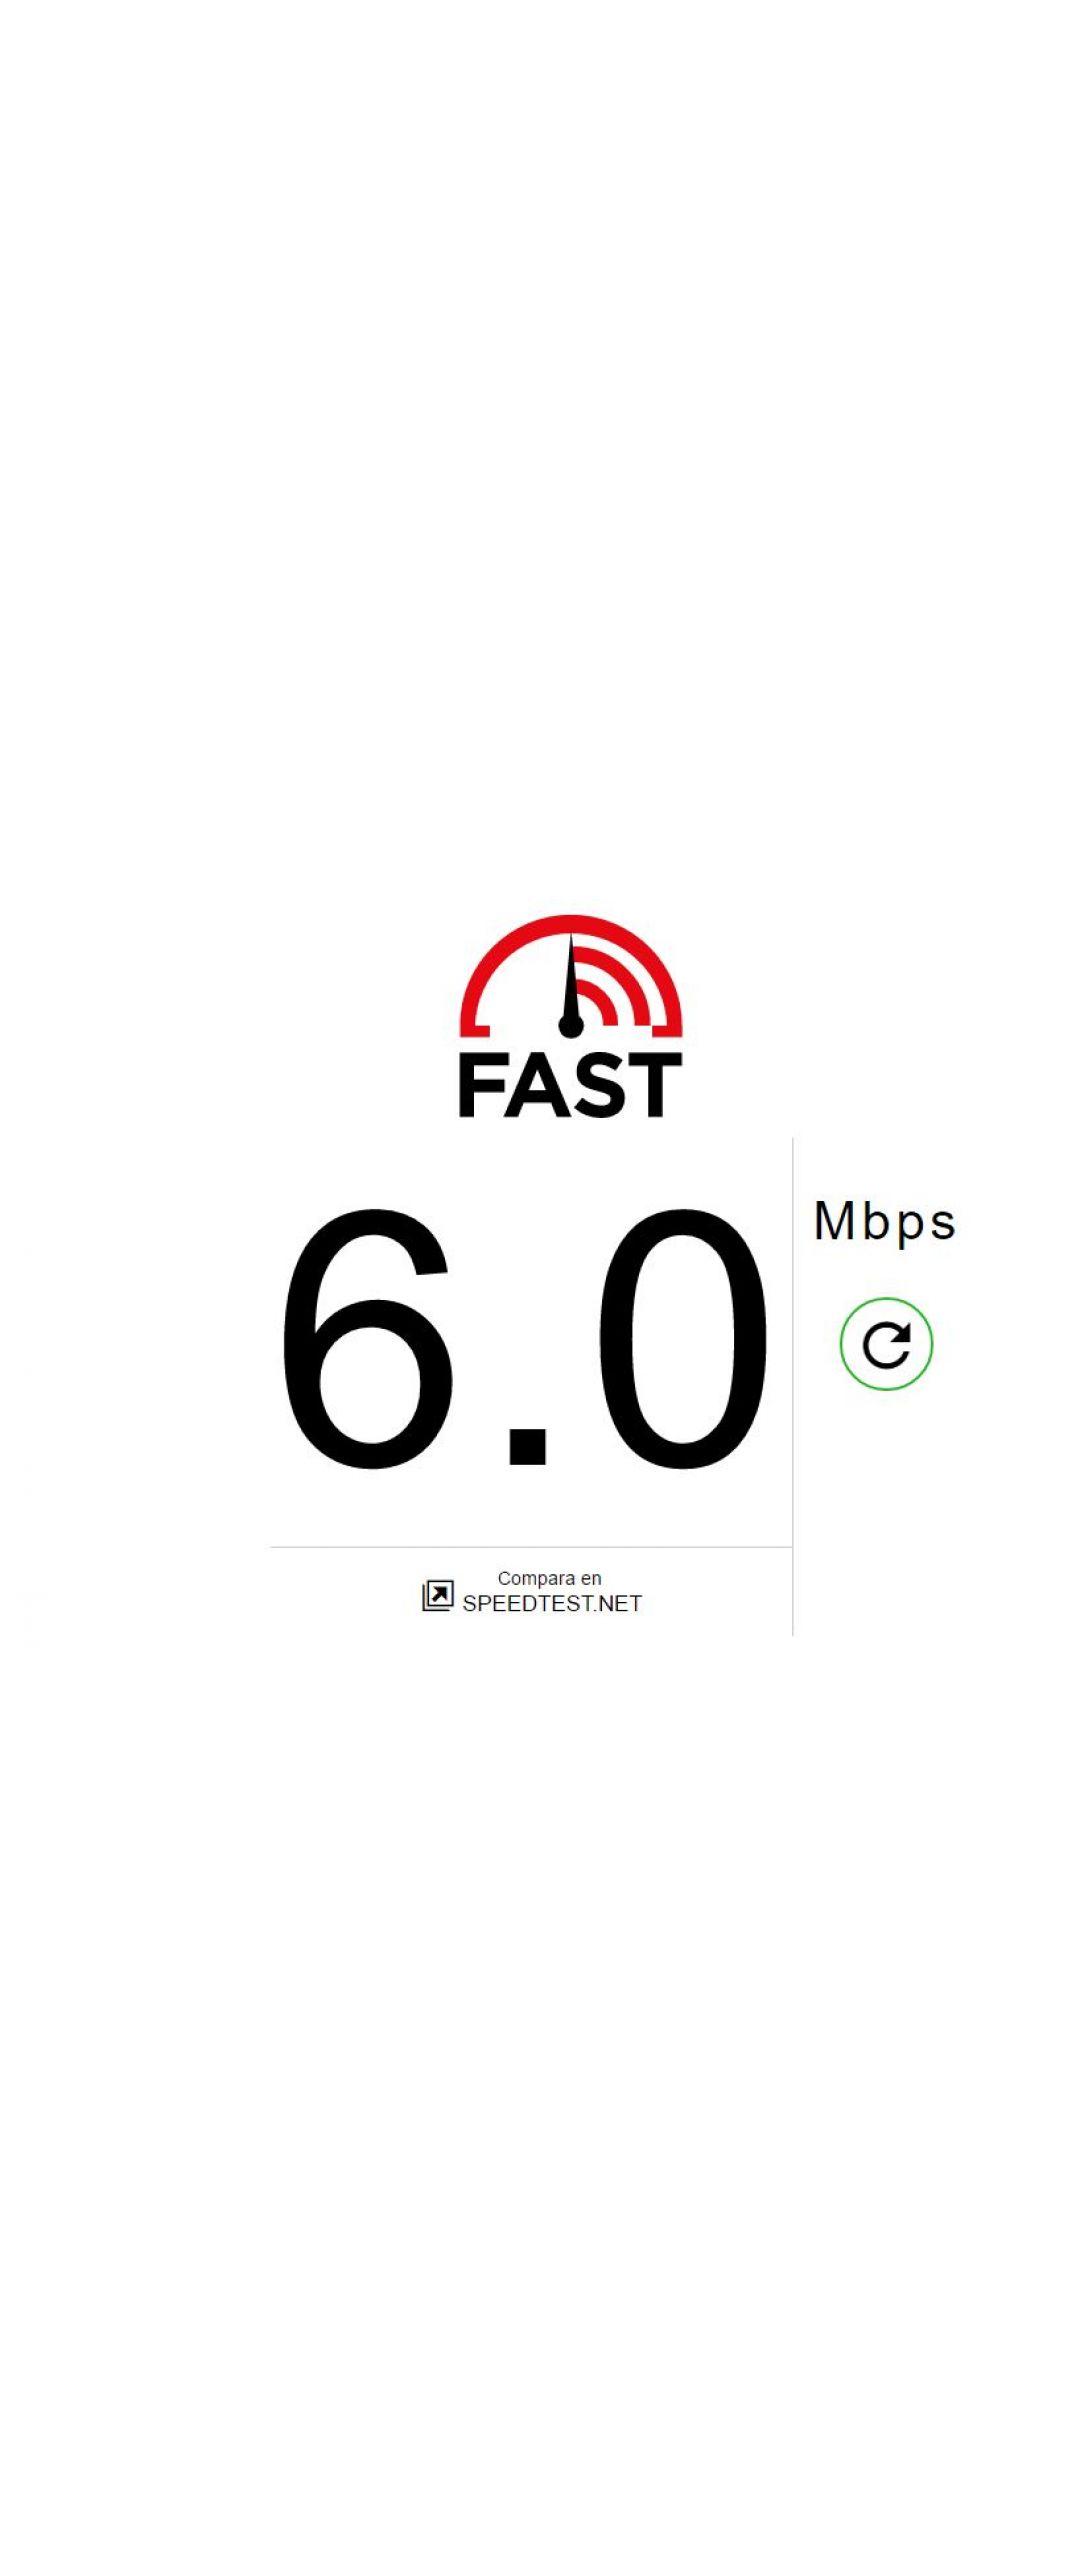 Netflix lanza portal para pruebas de velocidad de internet